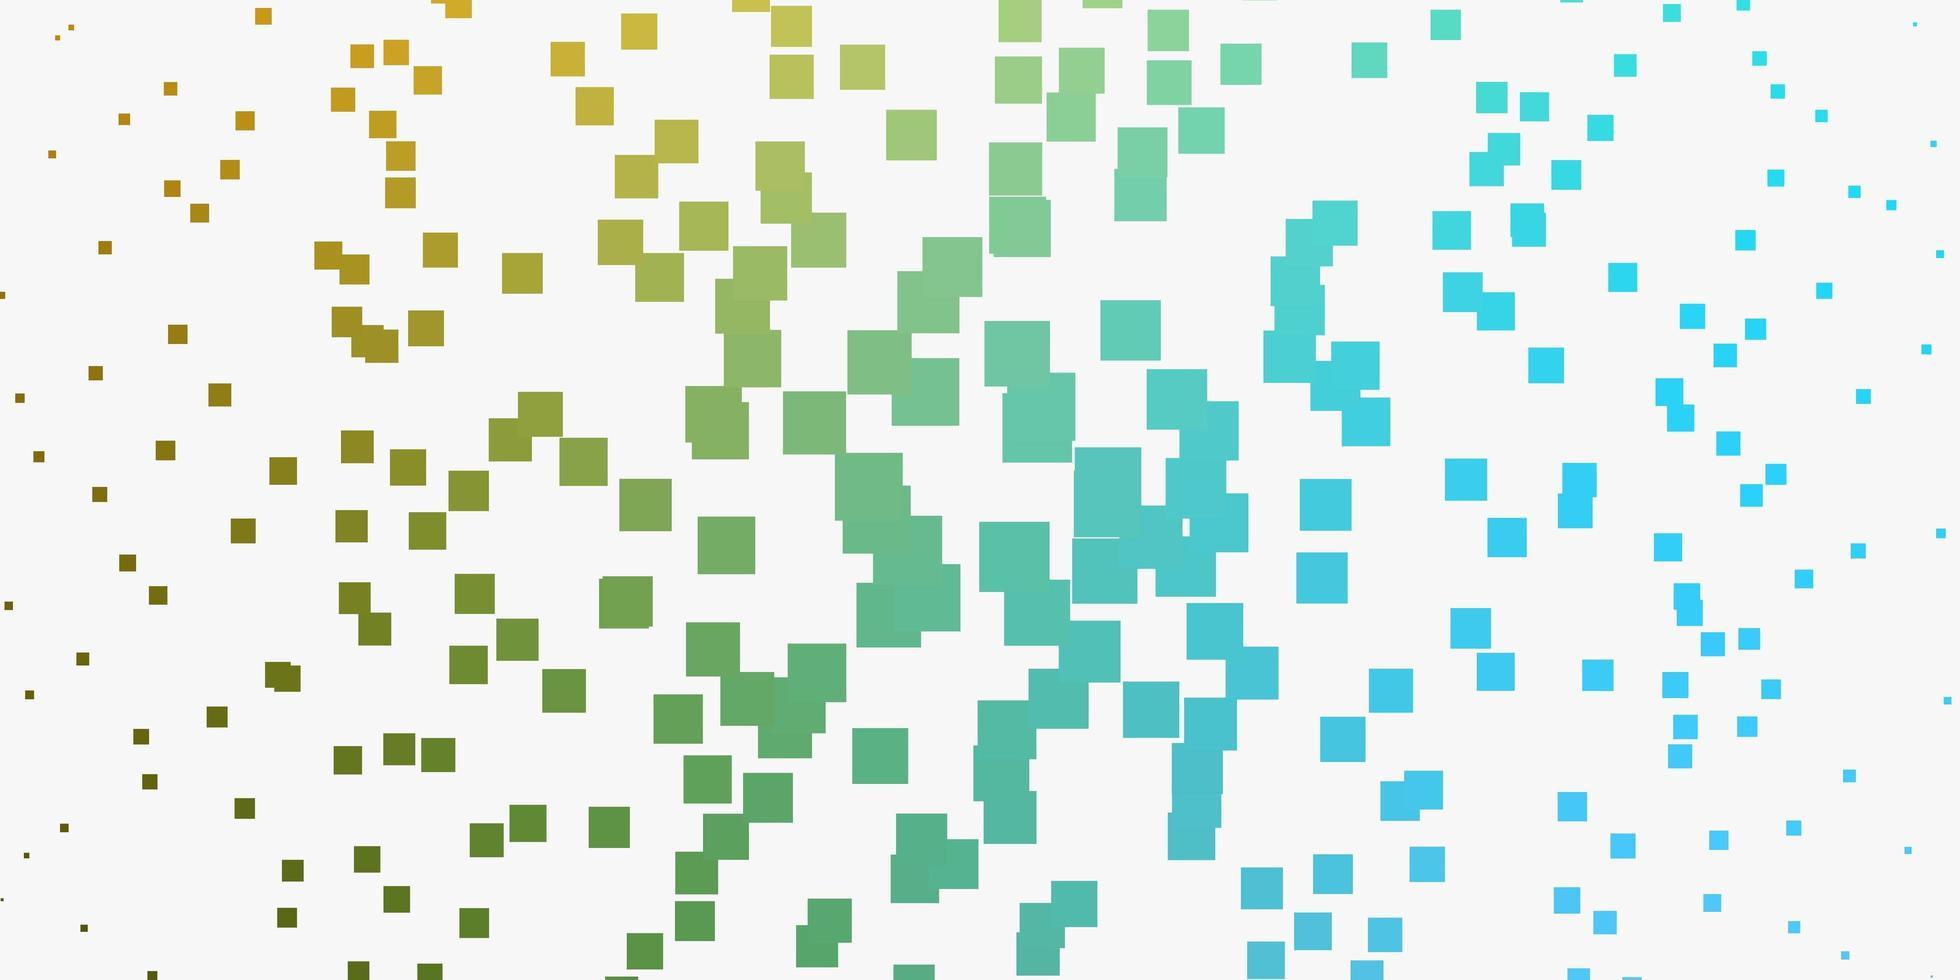 hellblaues, gelbes Layout mit Linien, Rechtecken. vektor